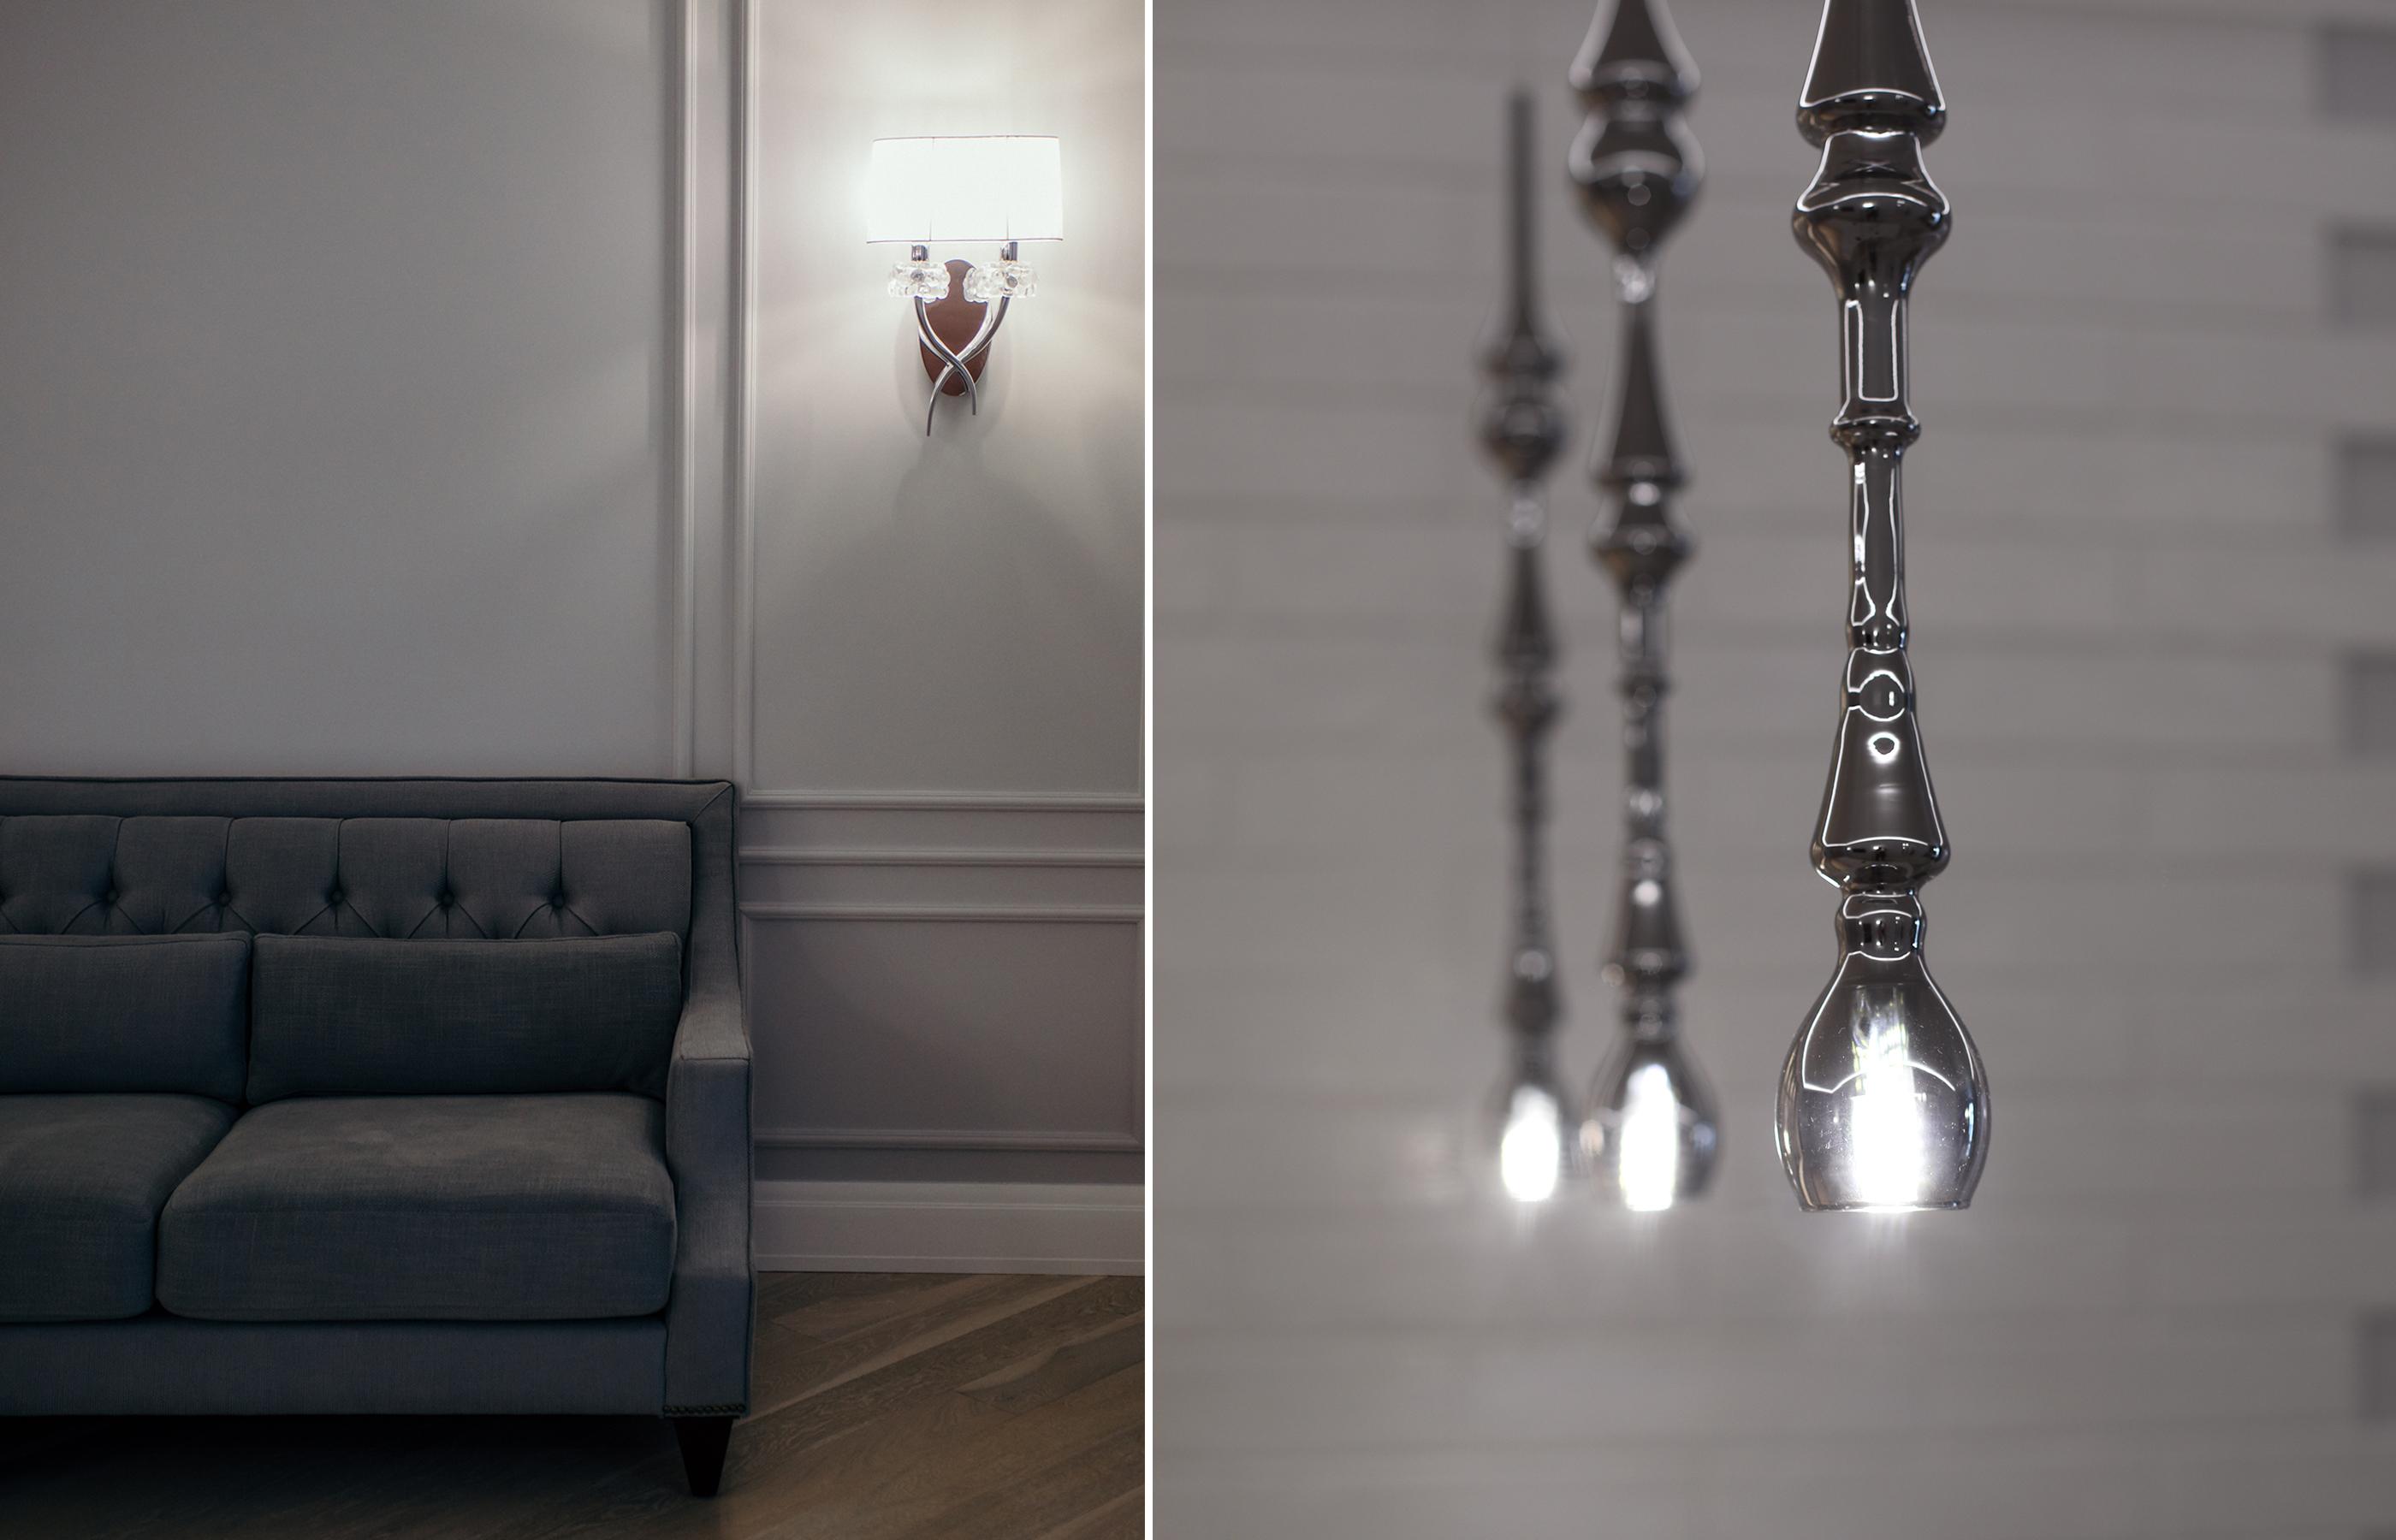 Окрашенные в нейтральный серый цвет стены позволяют изменятся цветовым оттенкам в интерьере, в зависимости от освещения за окном